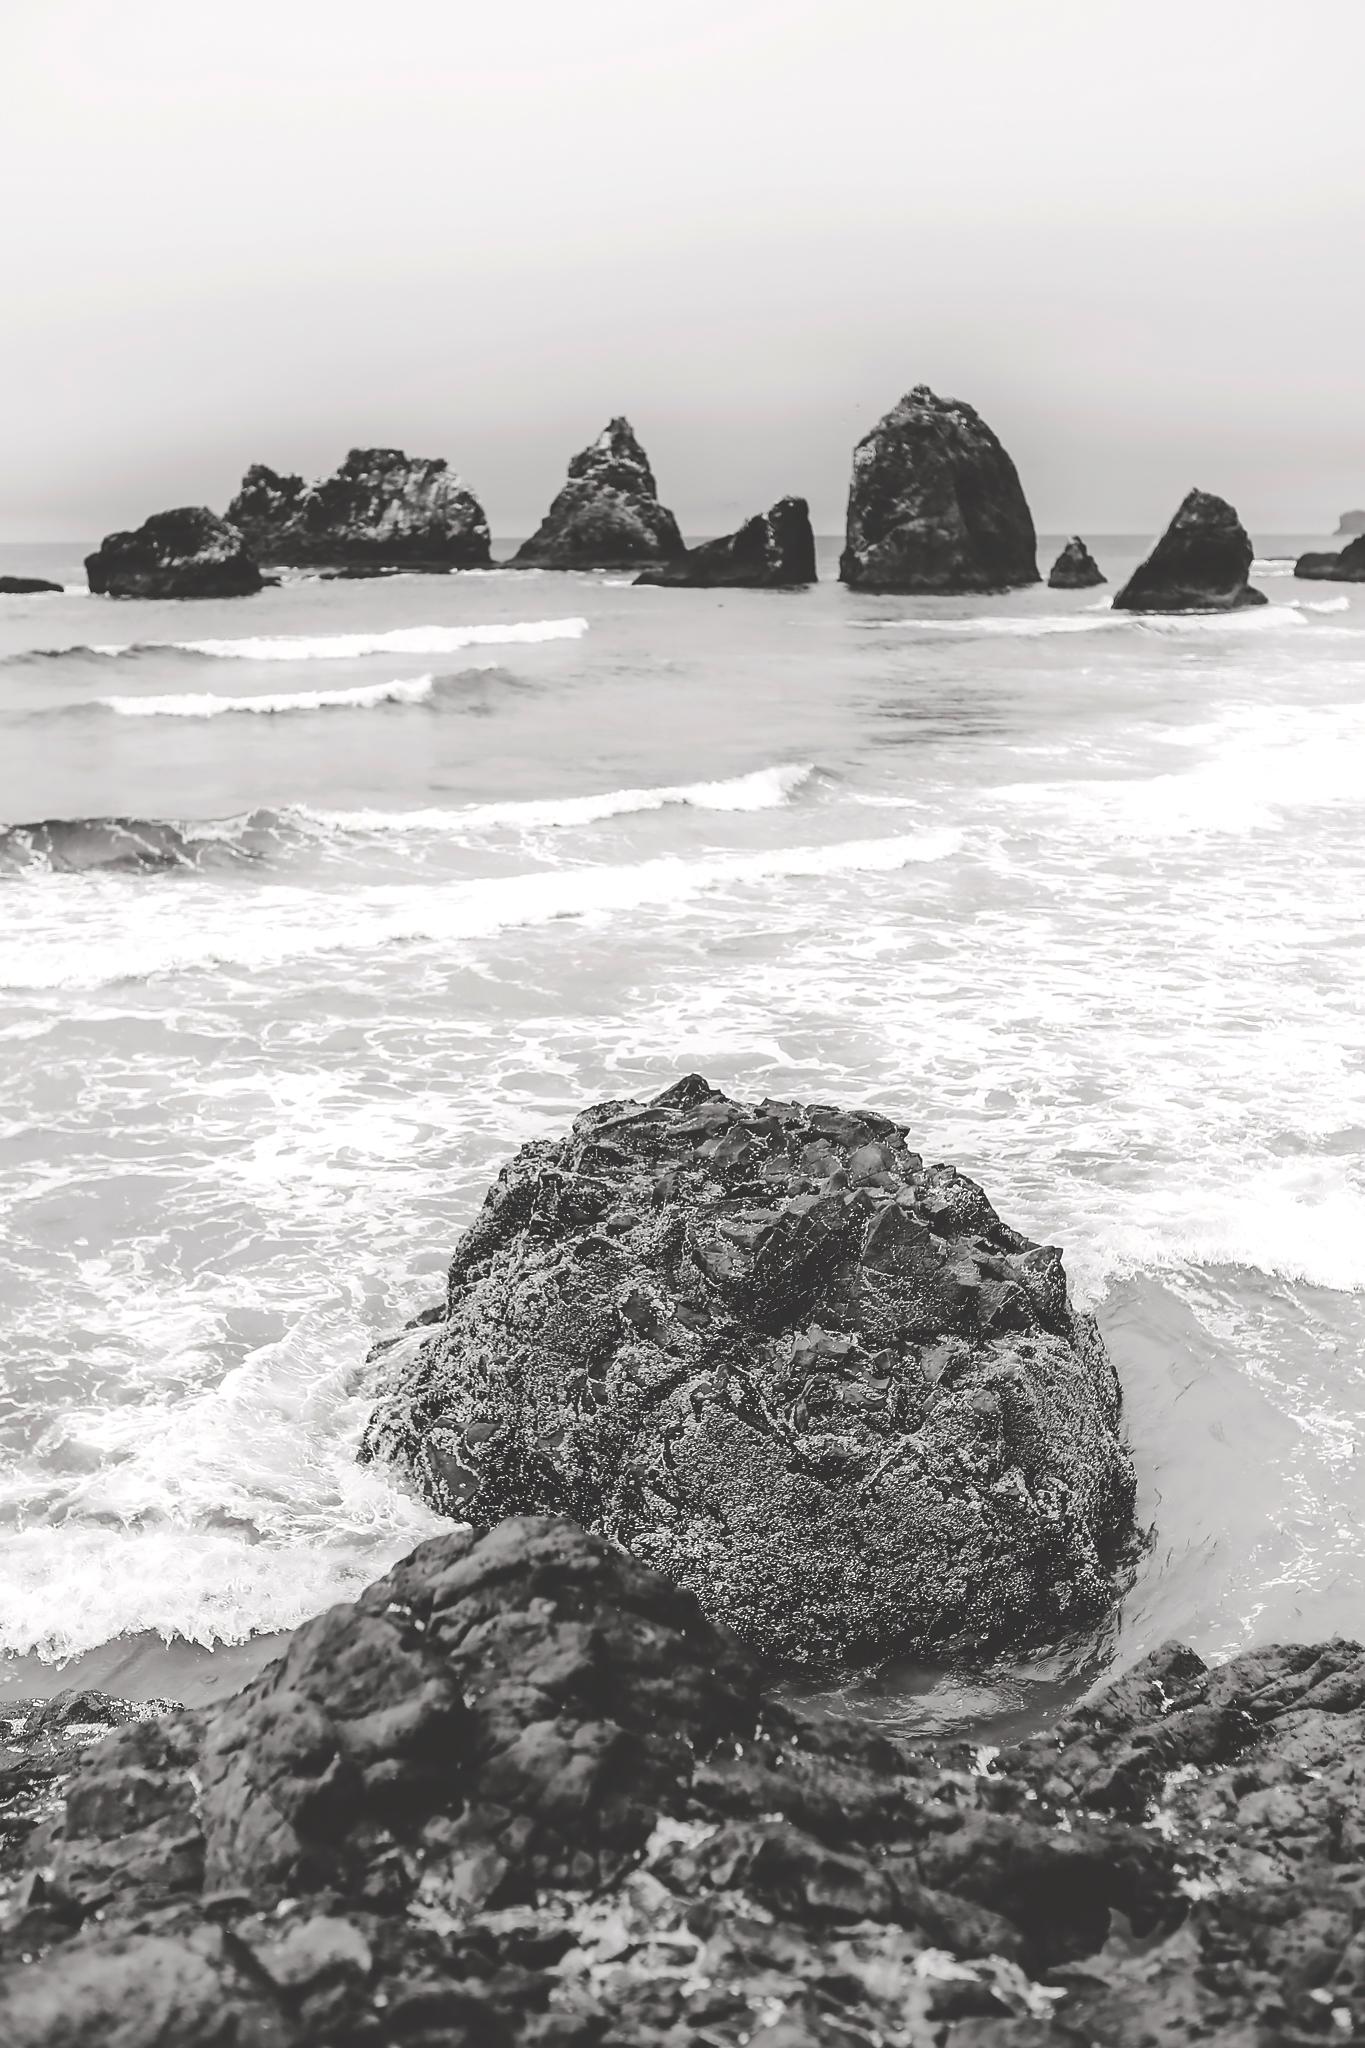 oregon coast, black and white, travel photography, jennifer picard photography